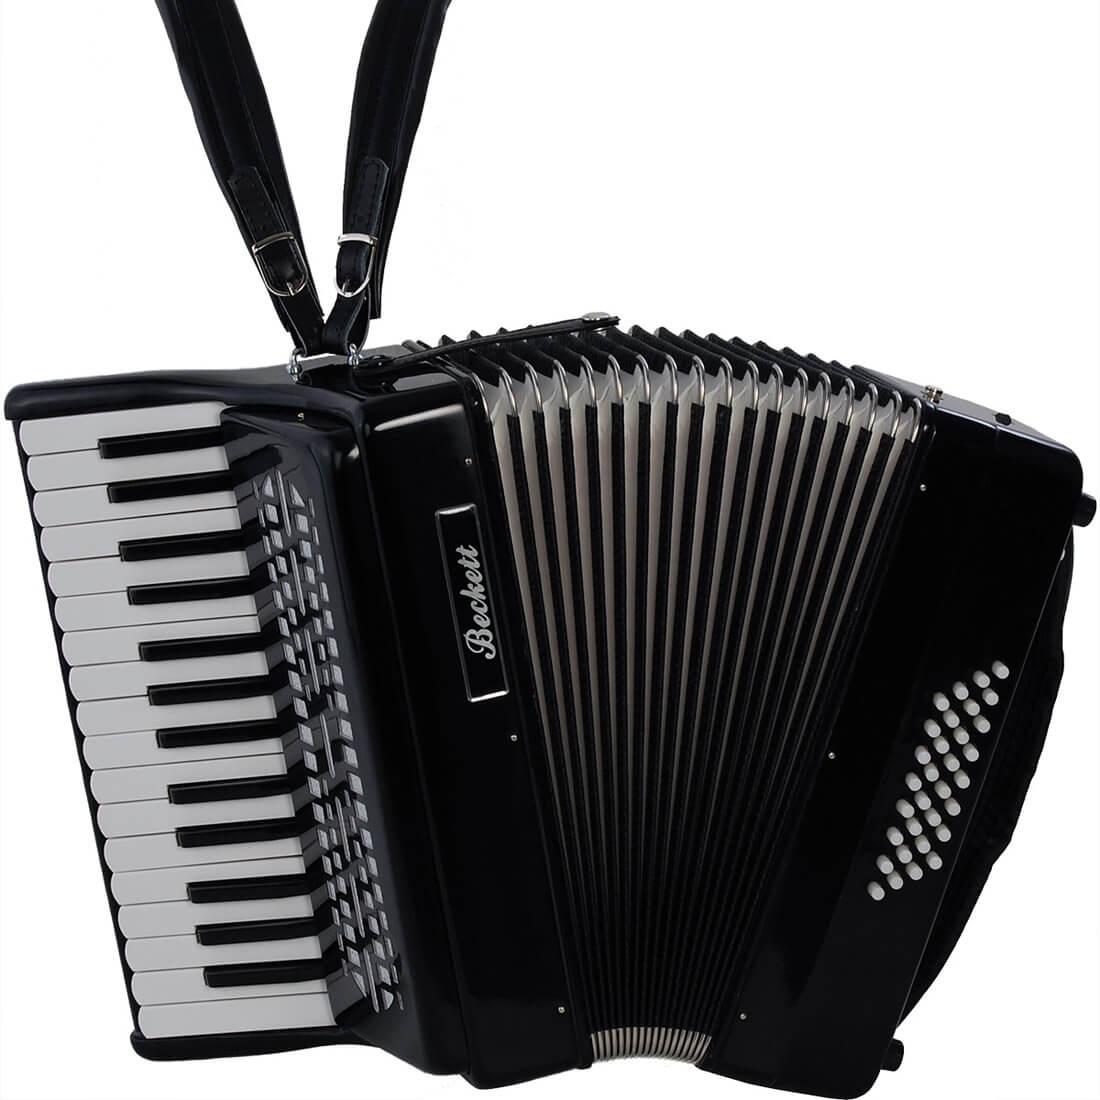 Beckett JH2002 piano harmonika sort | 4SOUND.DK